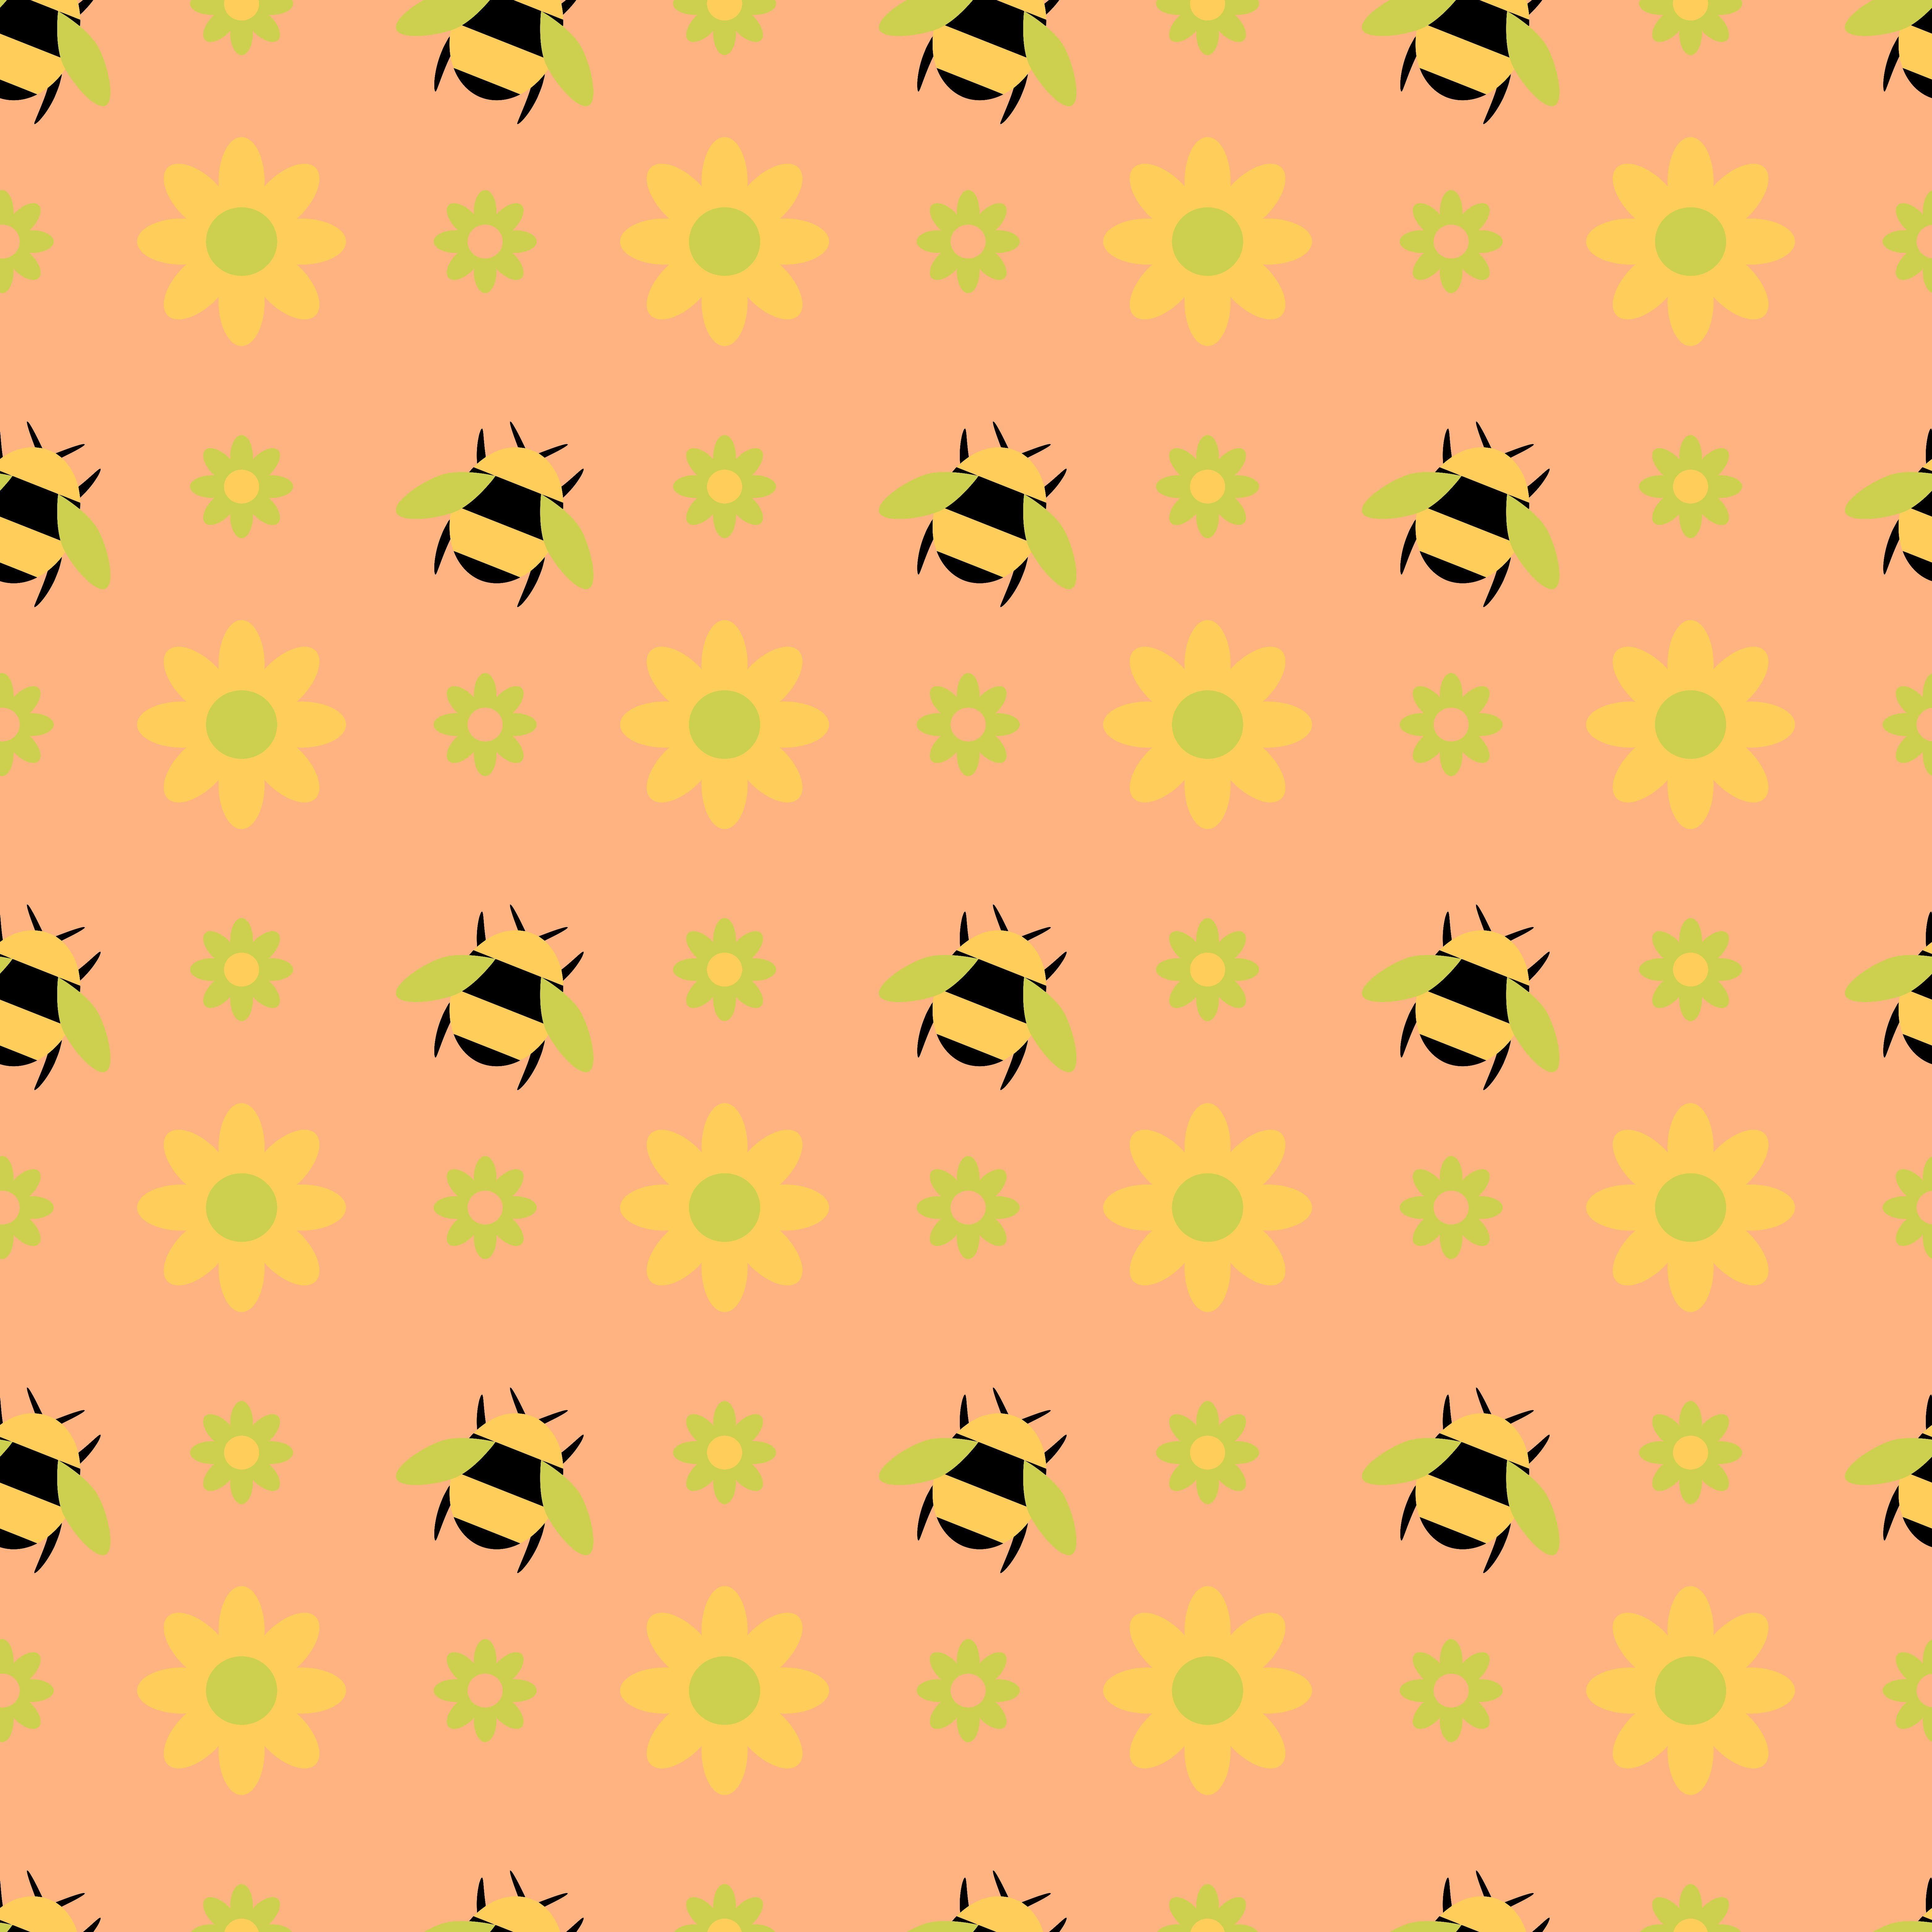 108607 Hintergrundbild herunterladen Blumen, Bienen, Patterns, Textur, Texturen - Bildschirmschoner und Bilder kostenlos